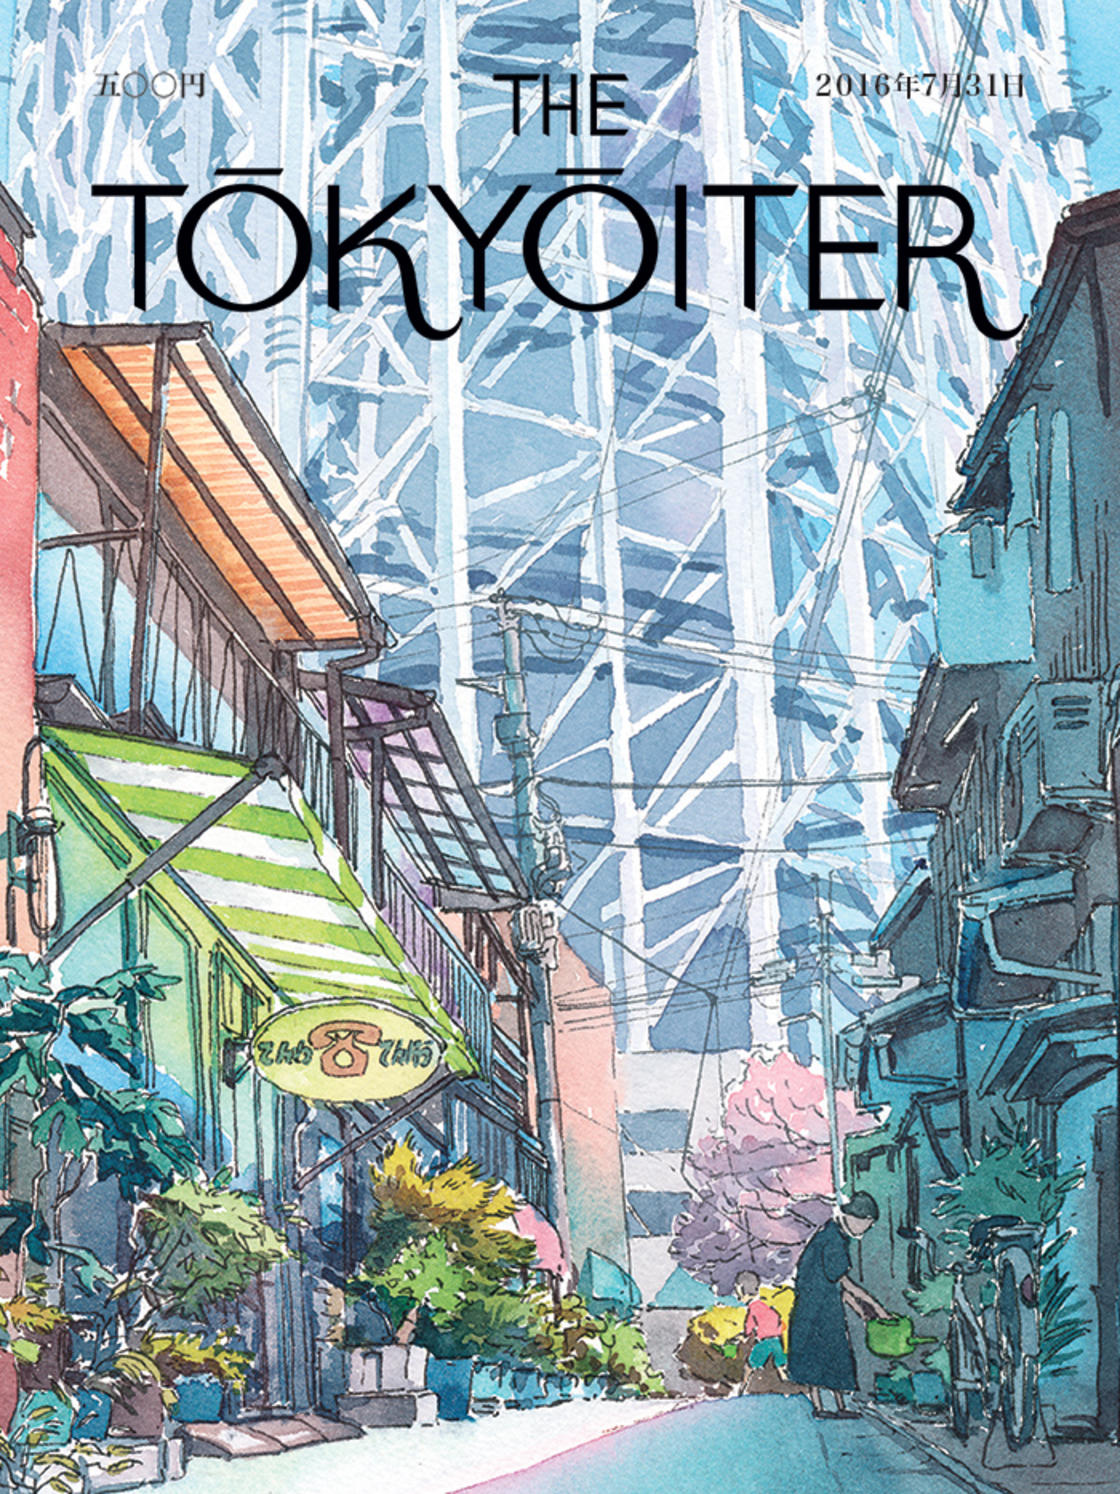 Um projeto de ilustradores para homenagear Toquio (19 pics)